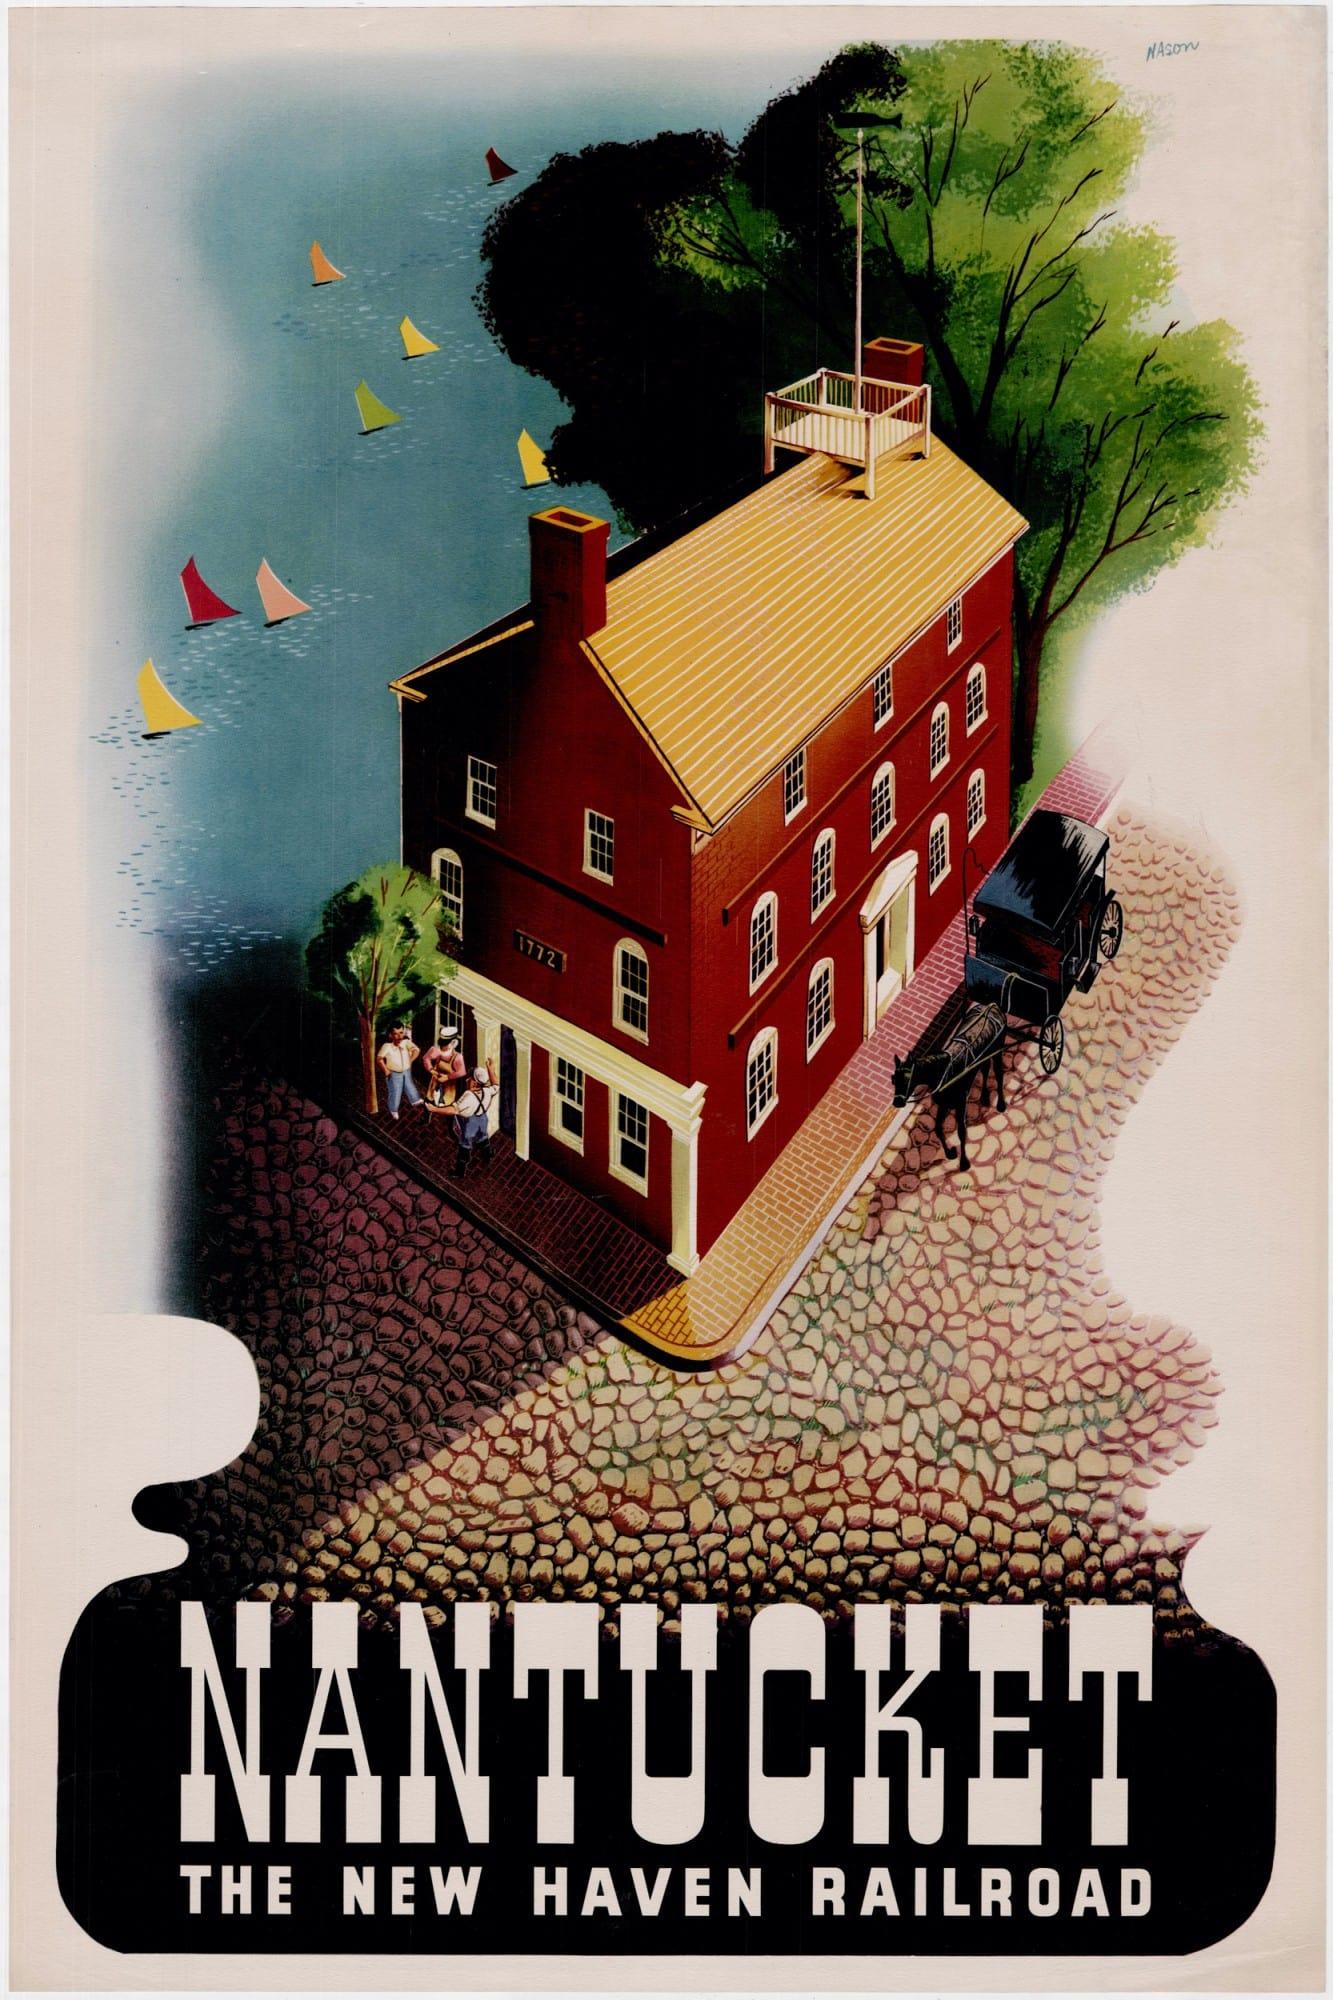 Ben Nason poster promoting travel to Nantucket - Rare & Antique Maps